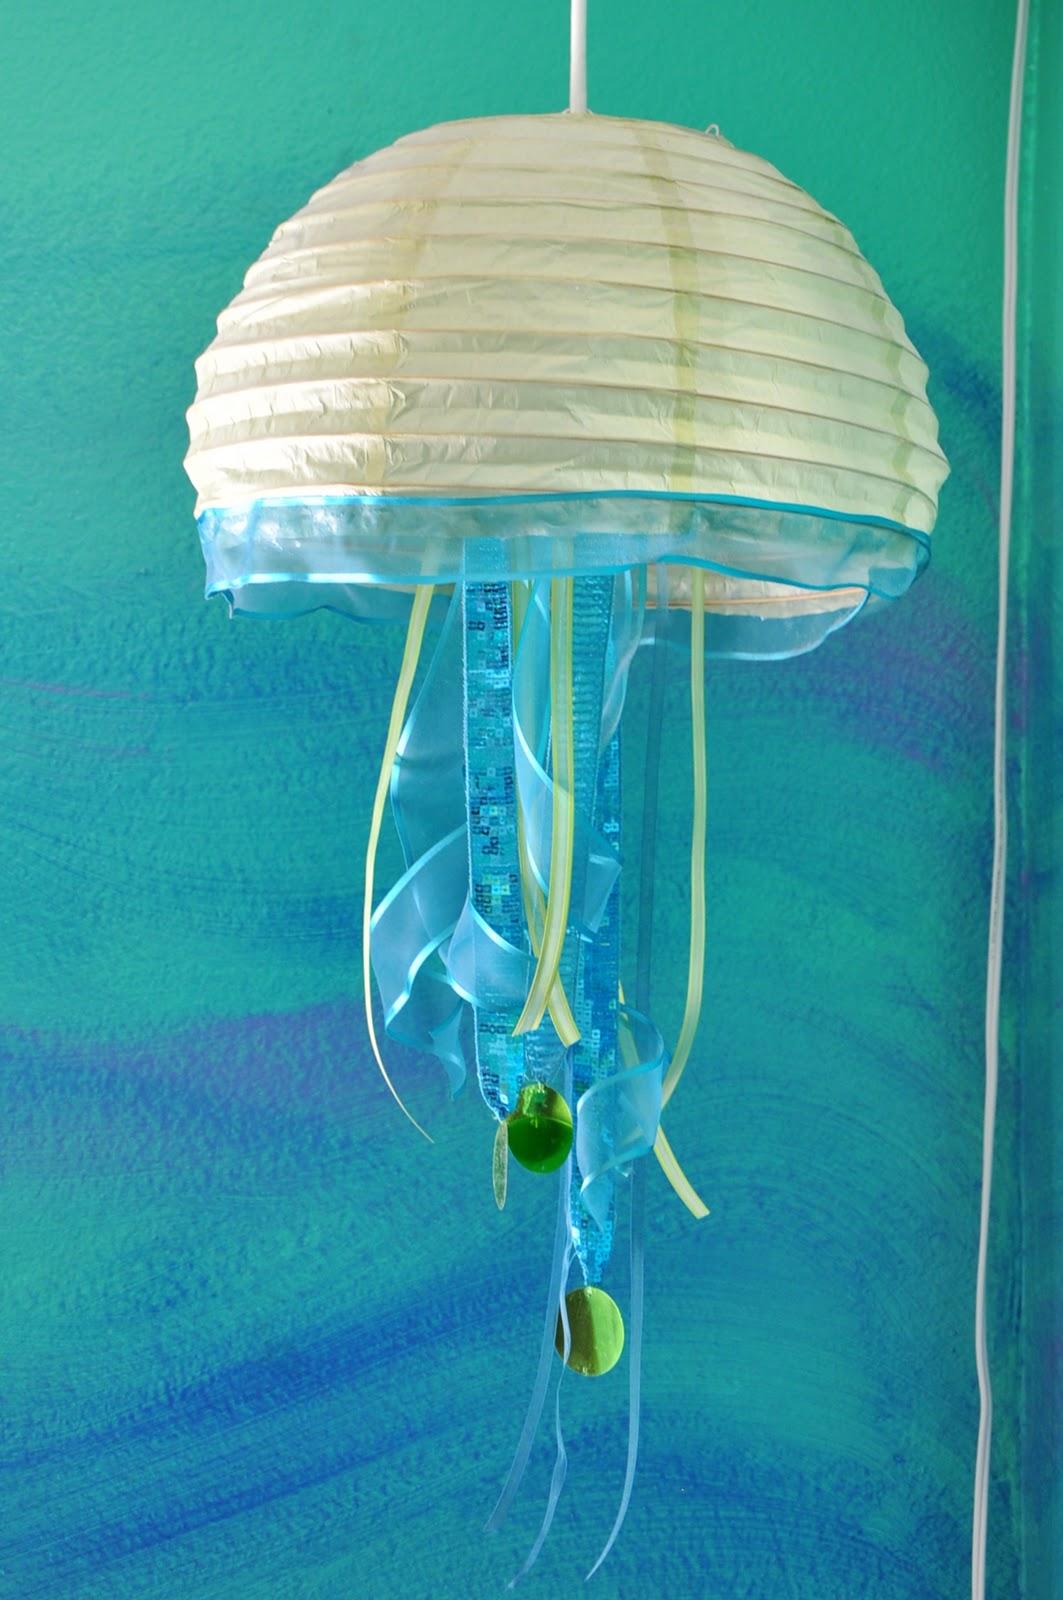 Papierlampen Verschönern: 15 Tolle Bastelideen Zum Selbermachen